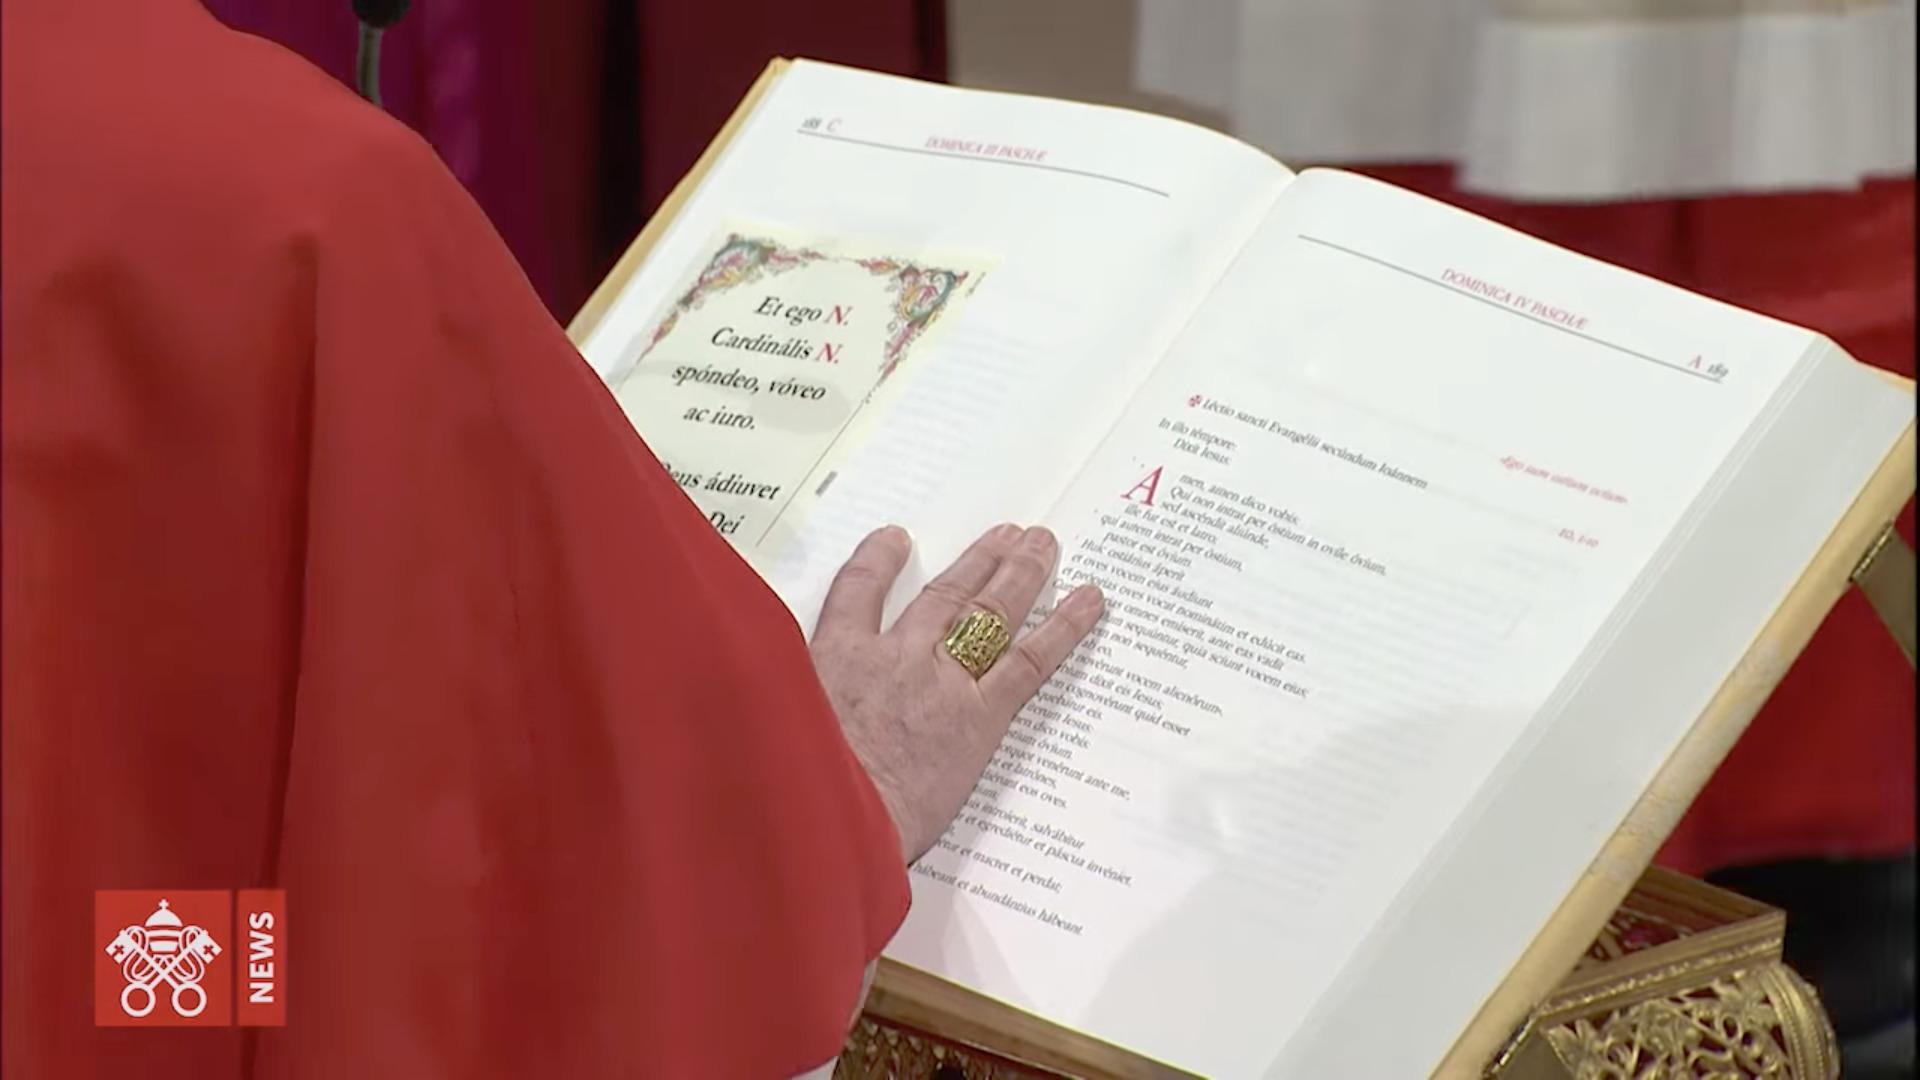 Le card. Bergoglio prête serment au moment d'entrer en conclave, capture @ Vatican Media